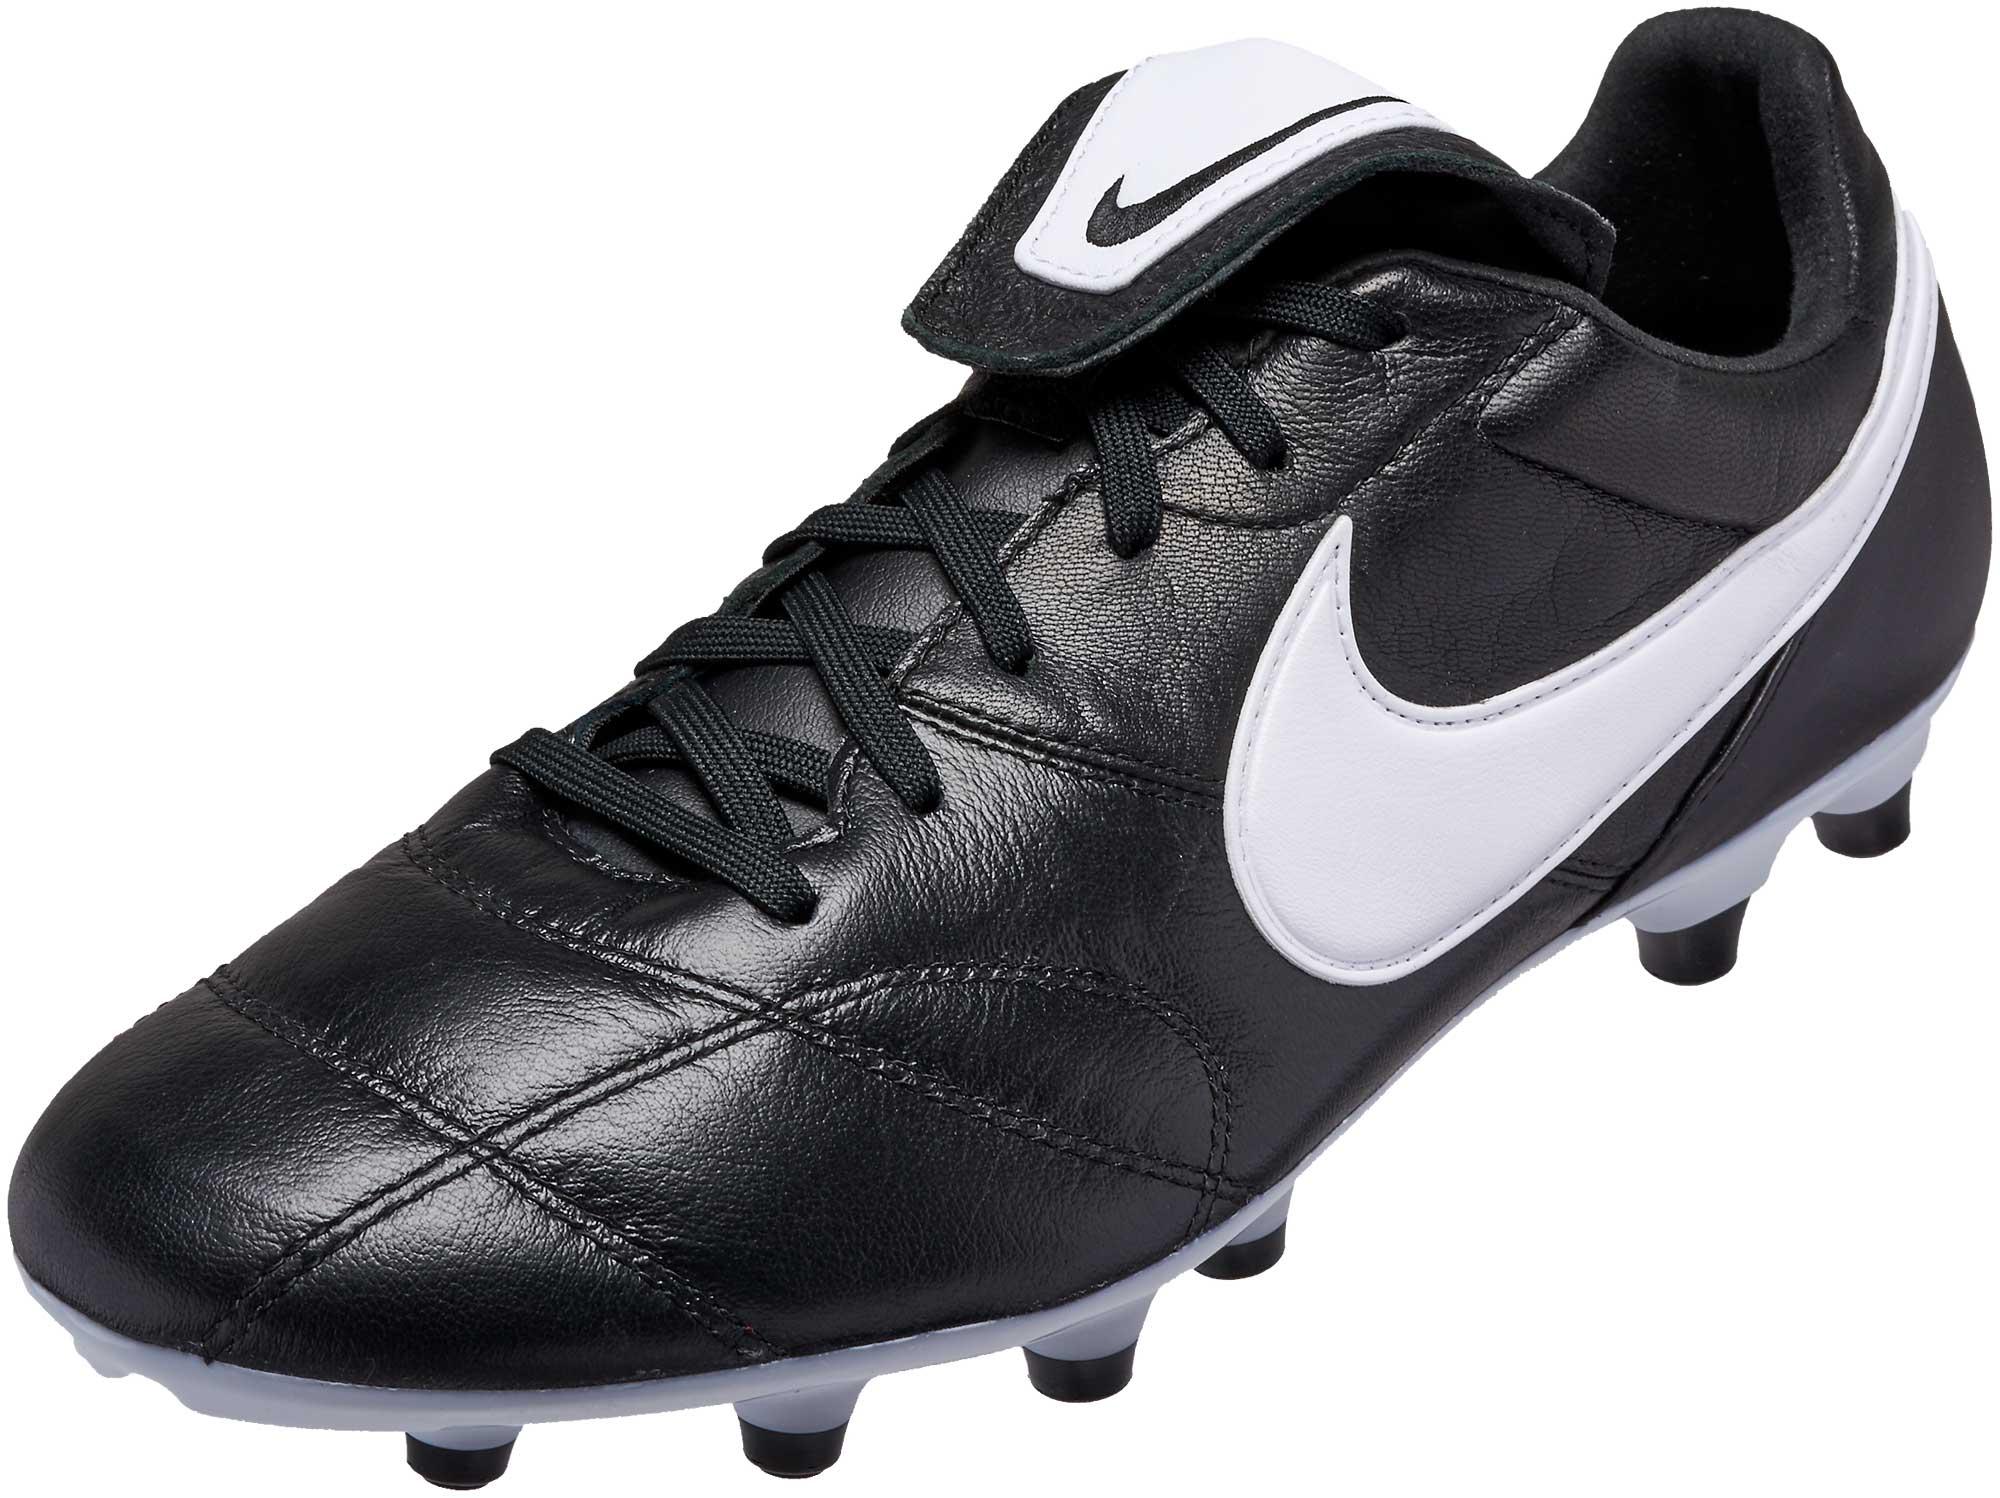 Nike soccer cleats nike premier ii fg - black/white KNUPQUW